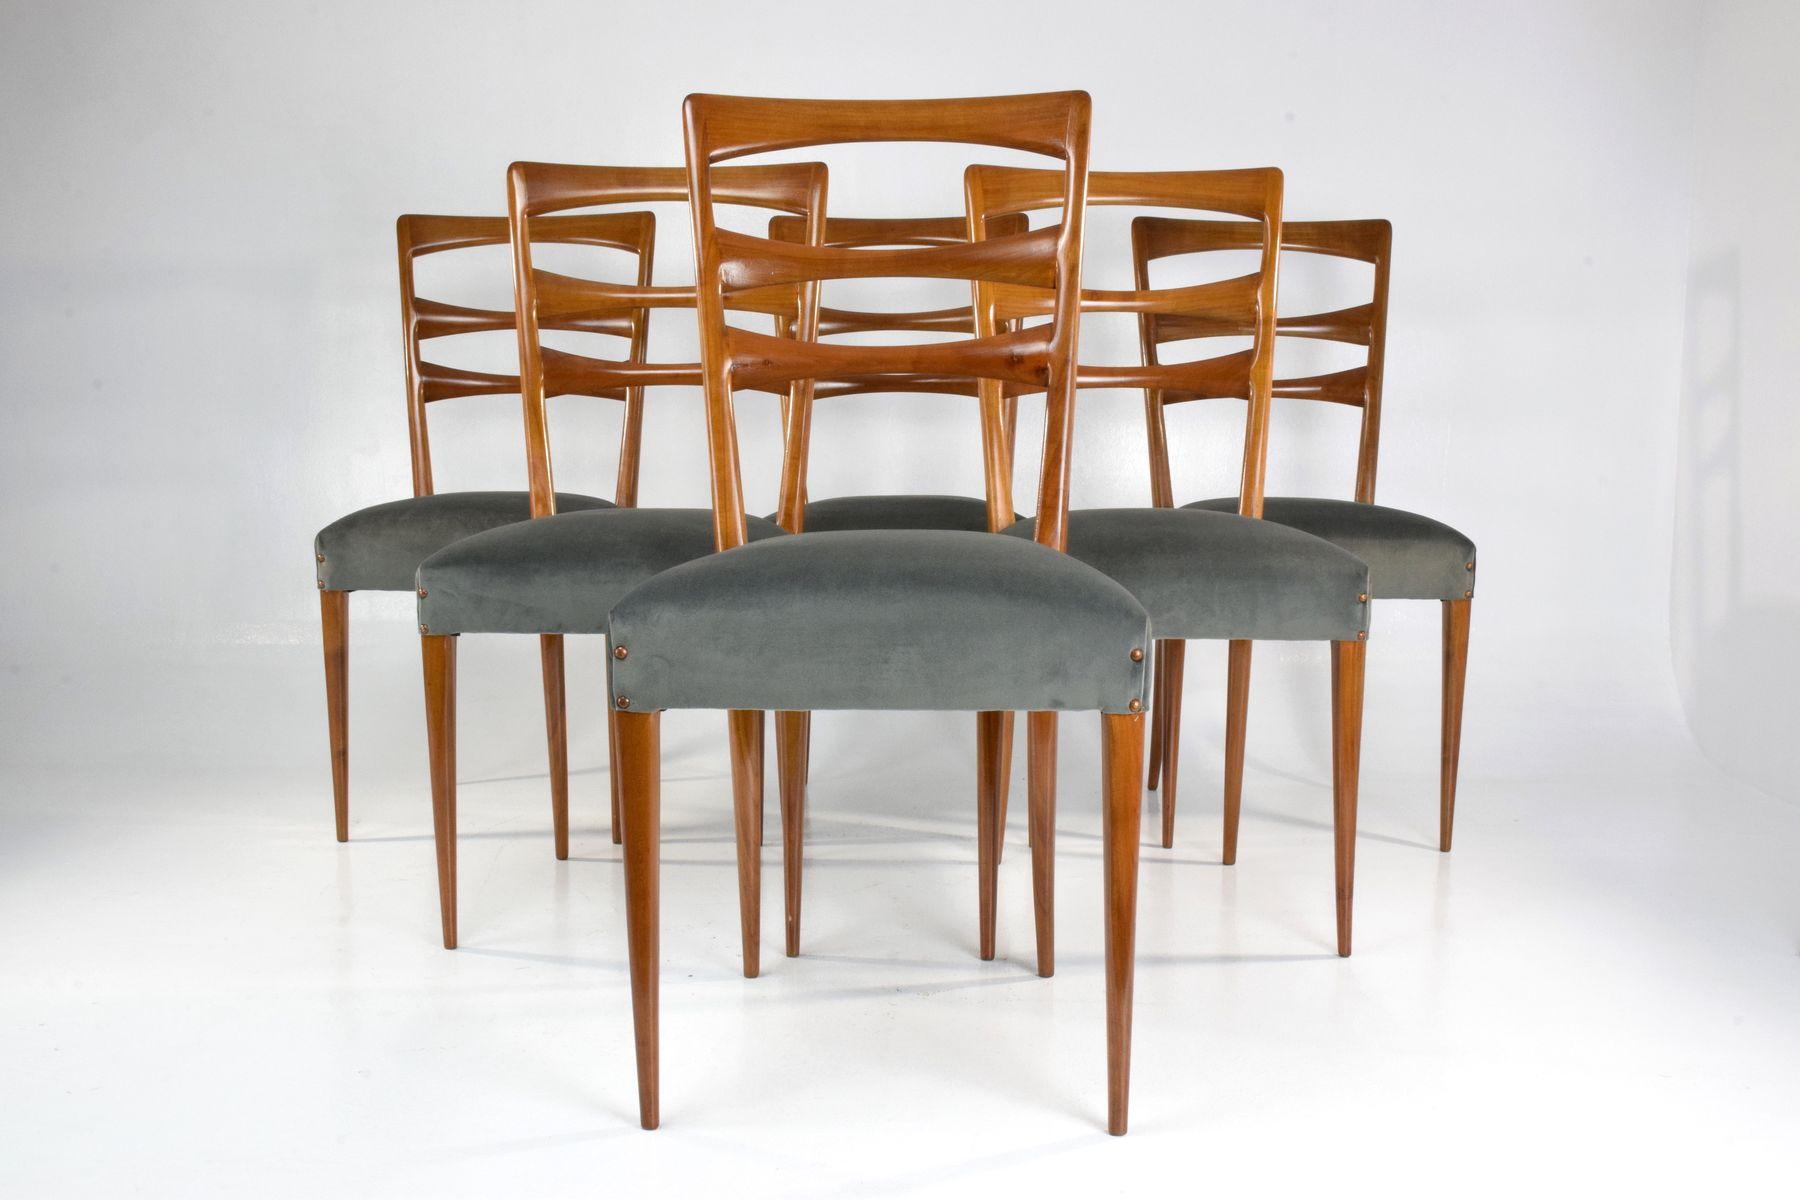 italienische esszimmerst hle mit samtbezug 1950er 6er set bei pamono kaufen. Black Bedroom Furniture Sets. Home Design Ideas